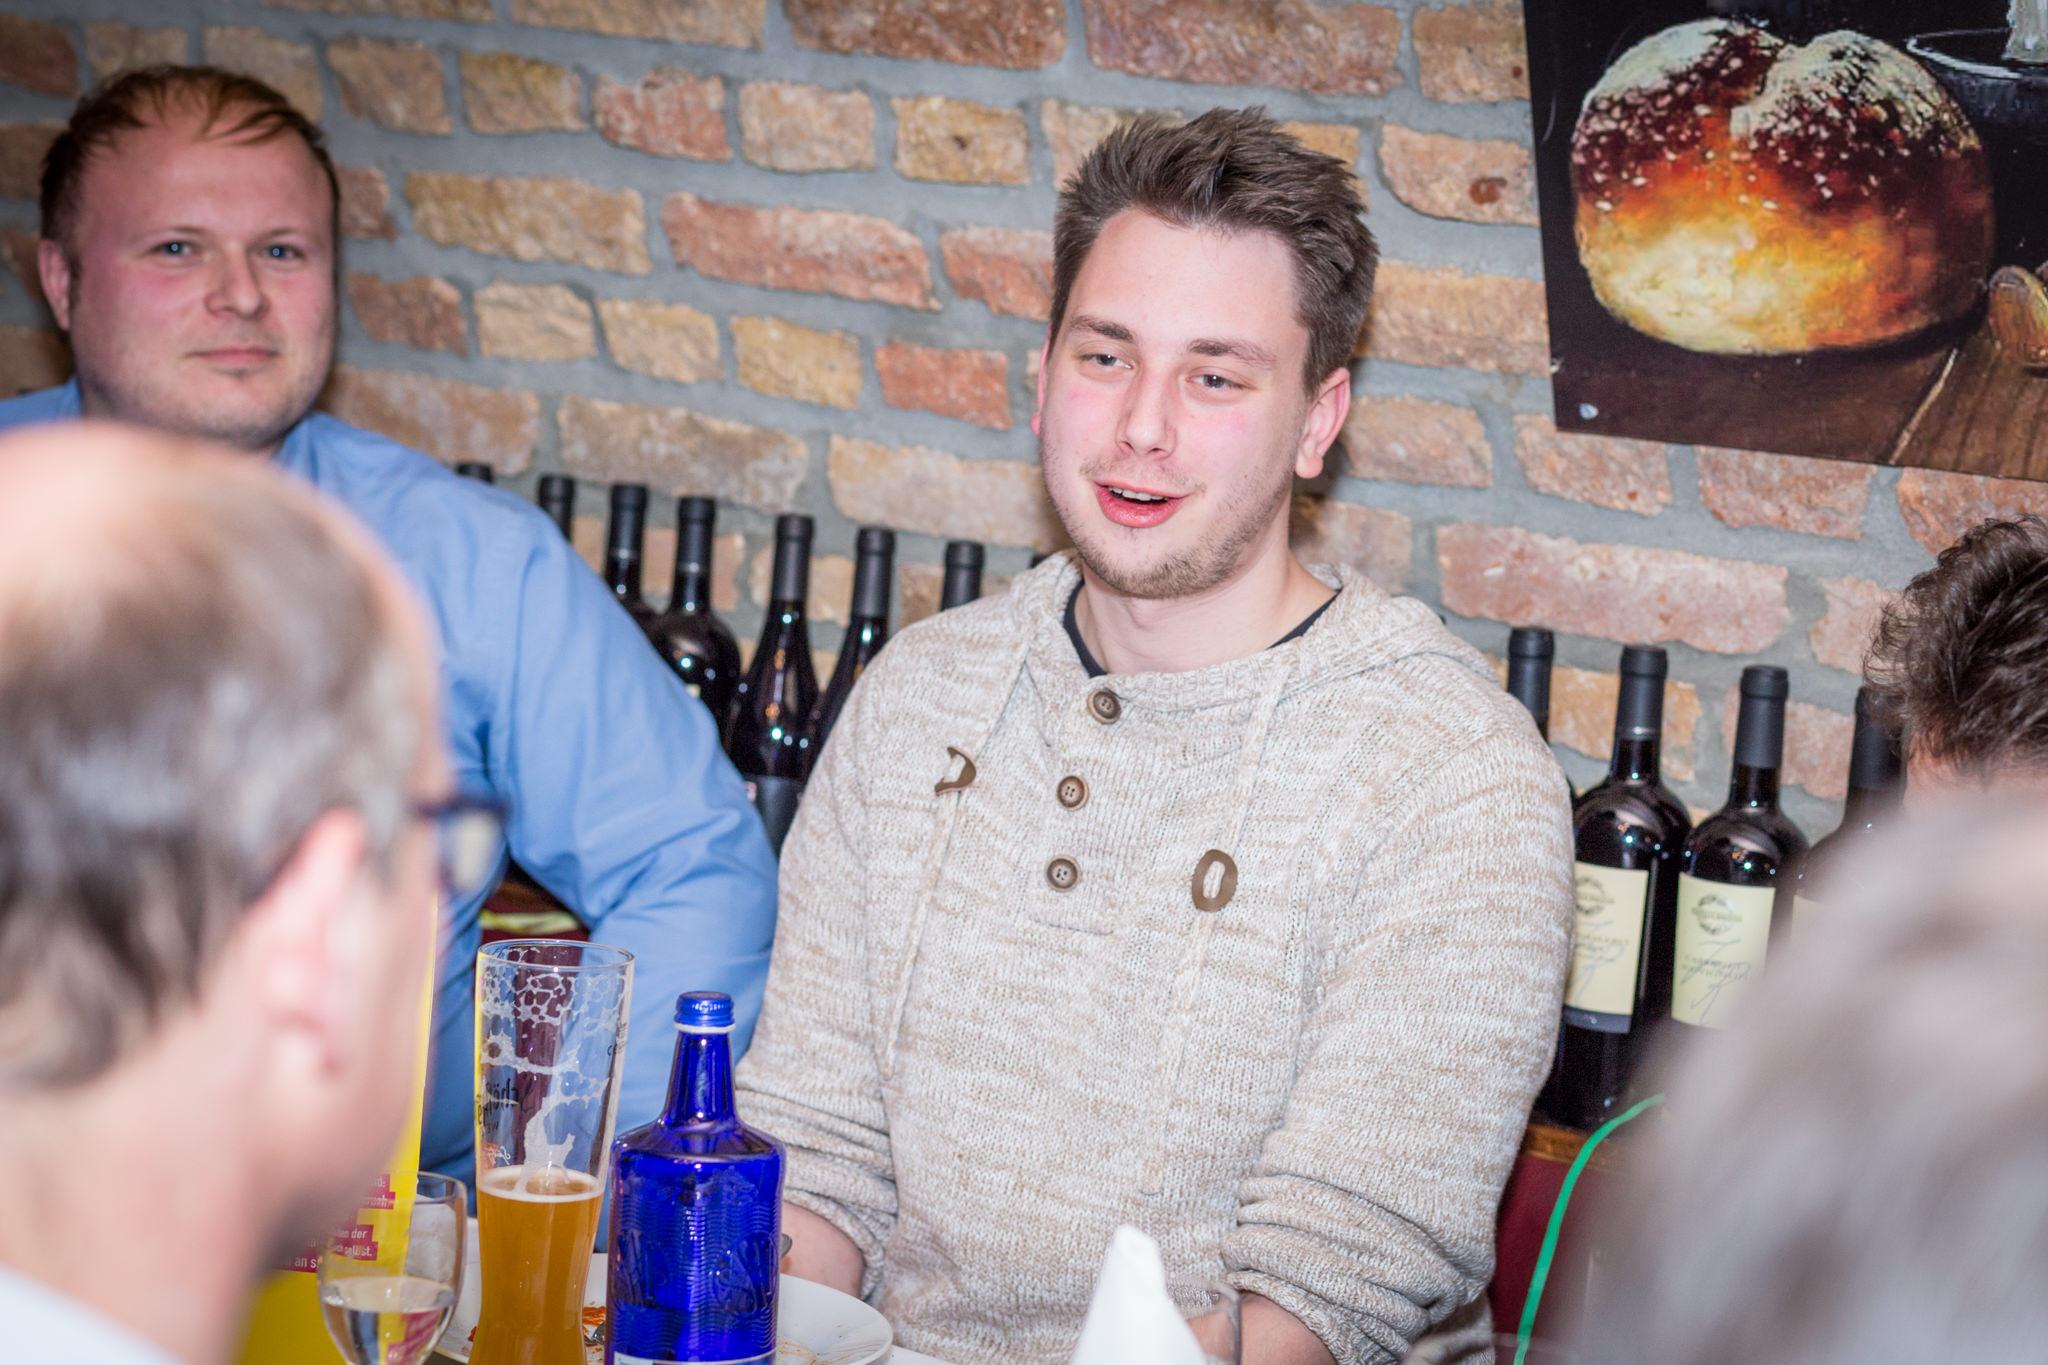 Luka Sinderwald, Fraktionsgeschäftsführer der FDP Neu-Isenburg und Vorsitzender der Jungen Liberalen Region Offenbach.